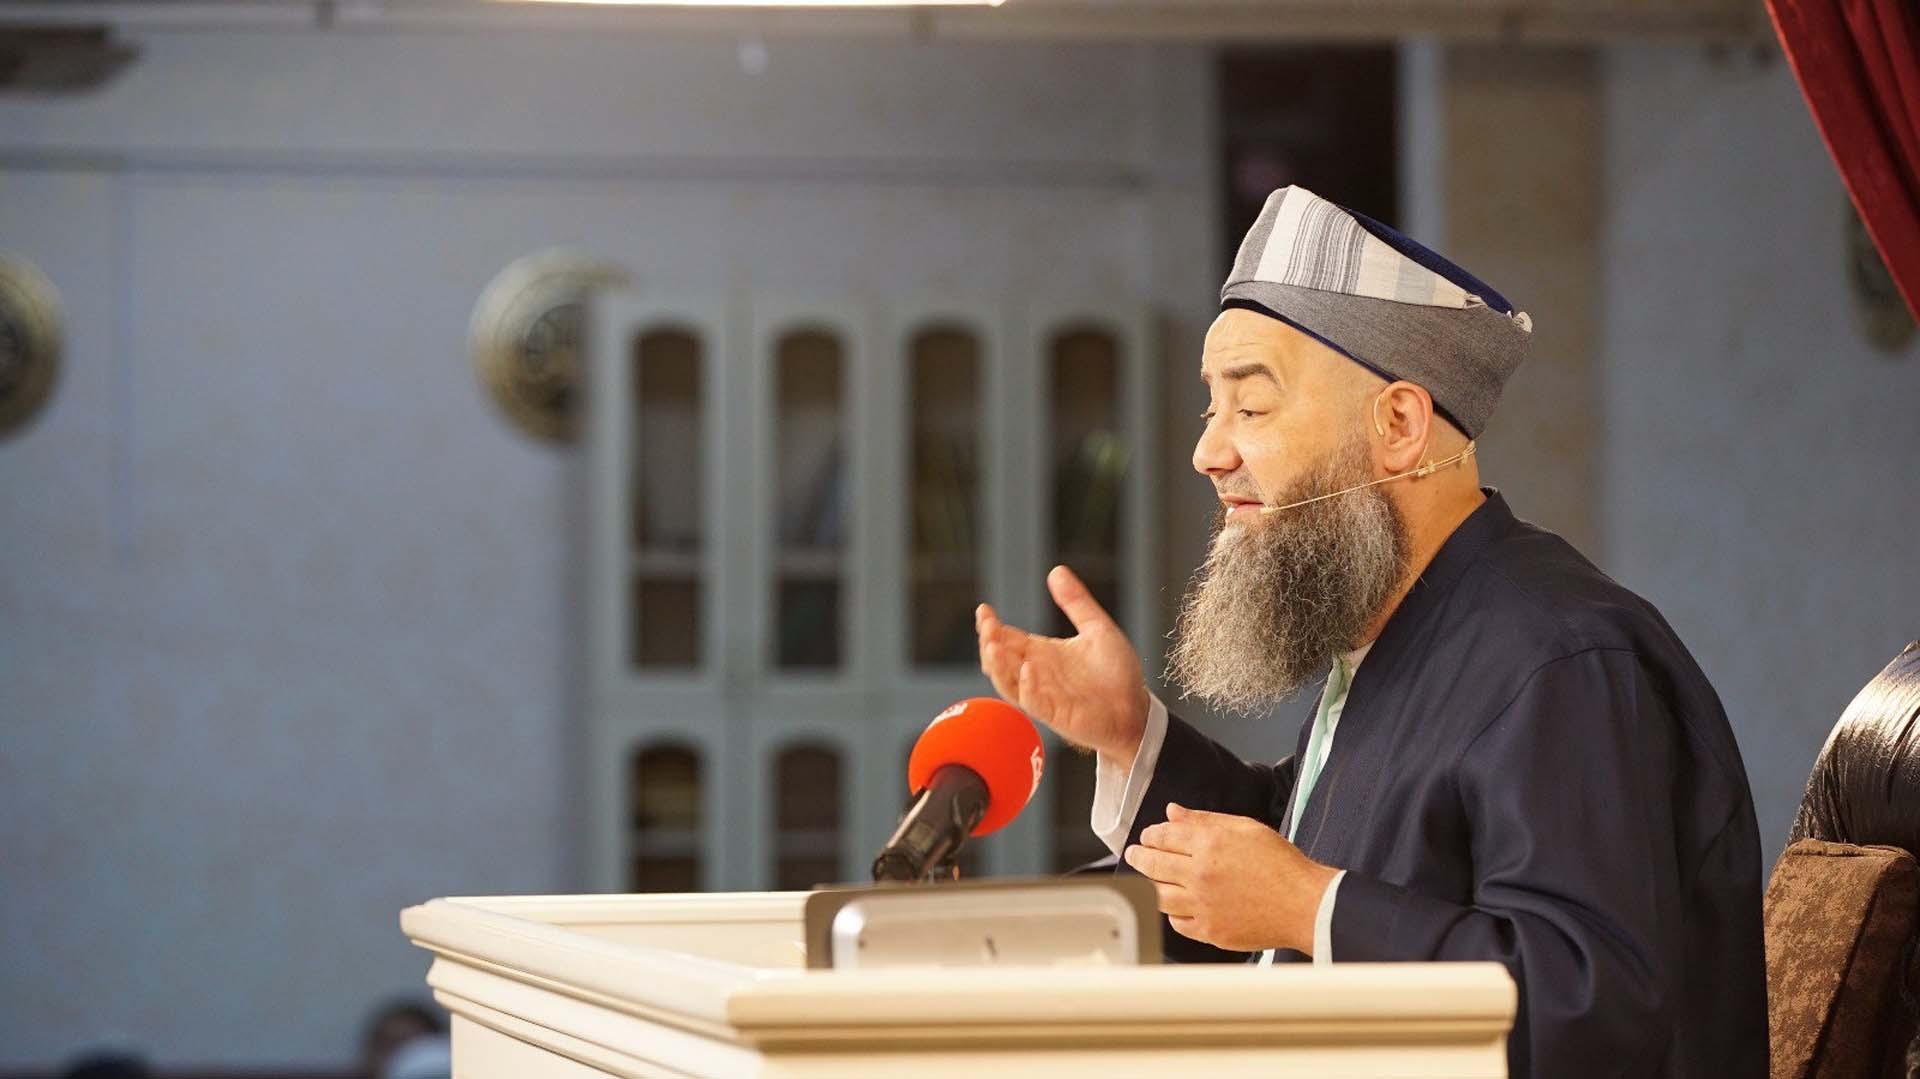 İmam hatipler hakkında söyledikleri olay olmuştu! Milli Eğitim Bakanlığı, Cübbeli Ahmet Hoca'yı imam hatip lisesine davet etti